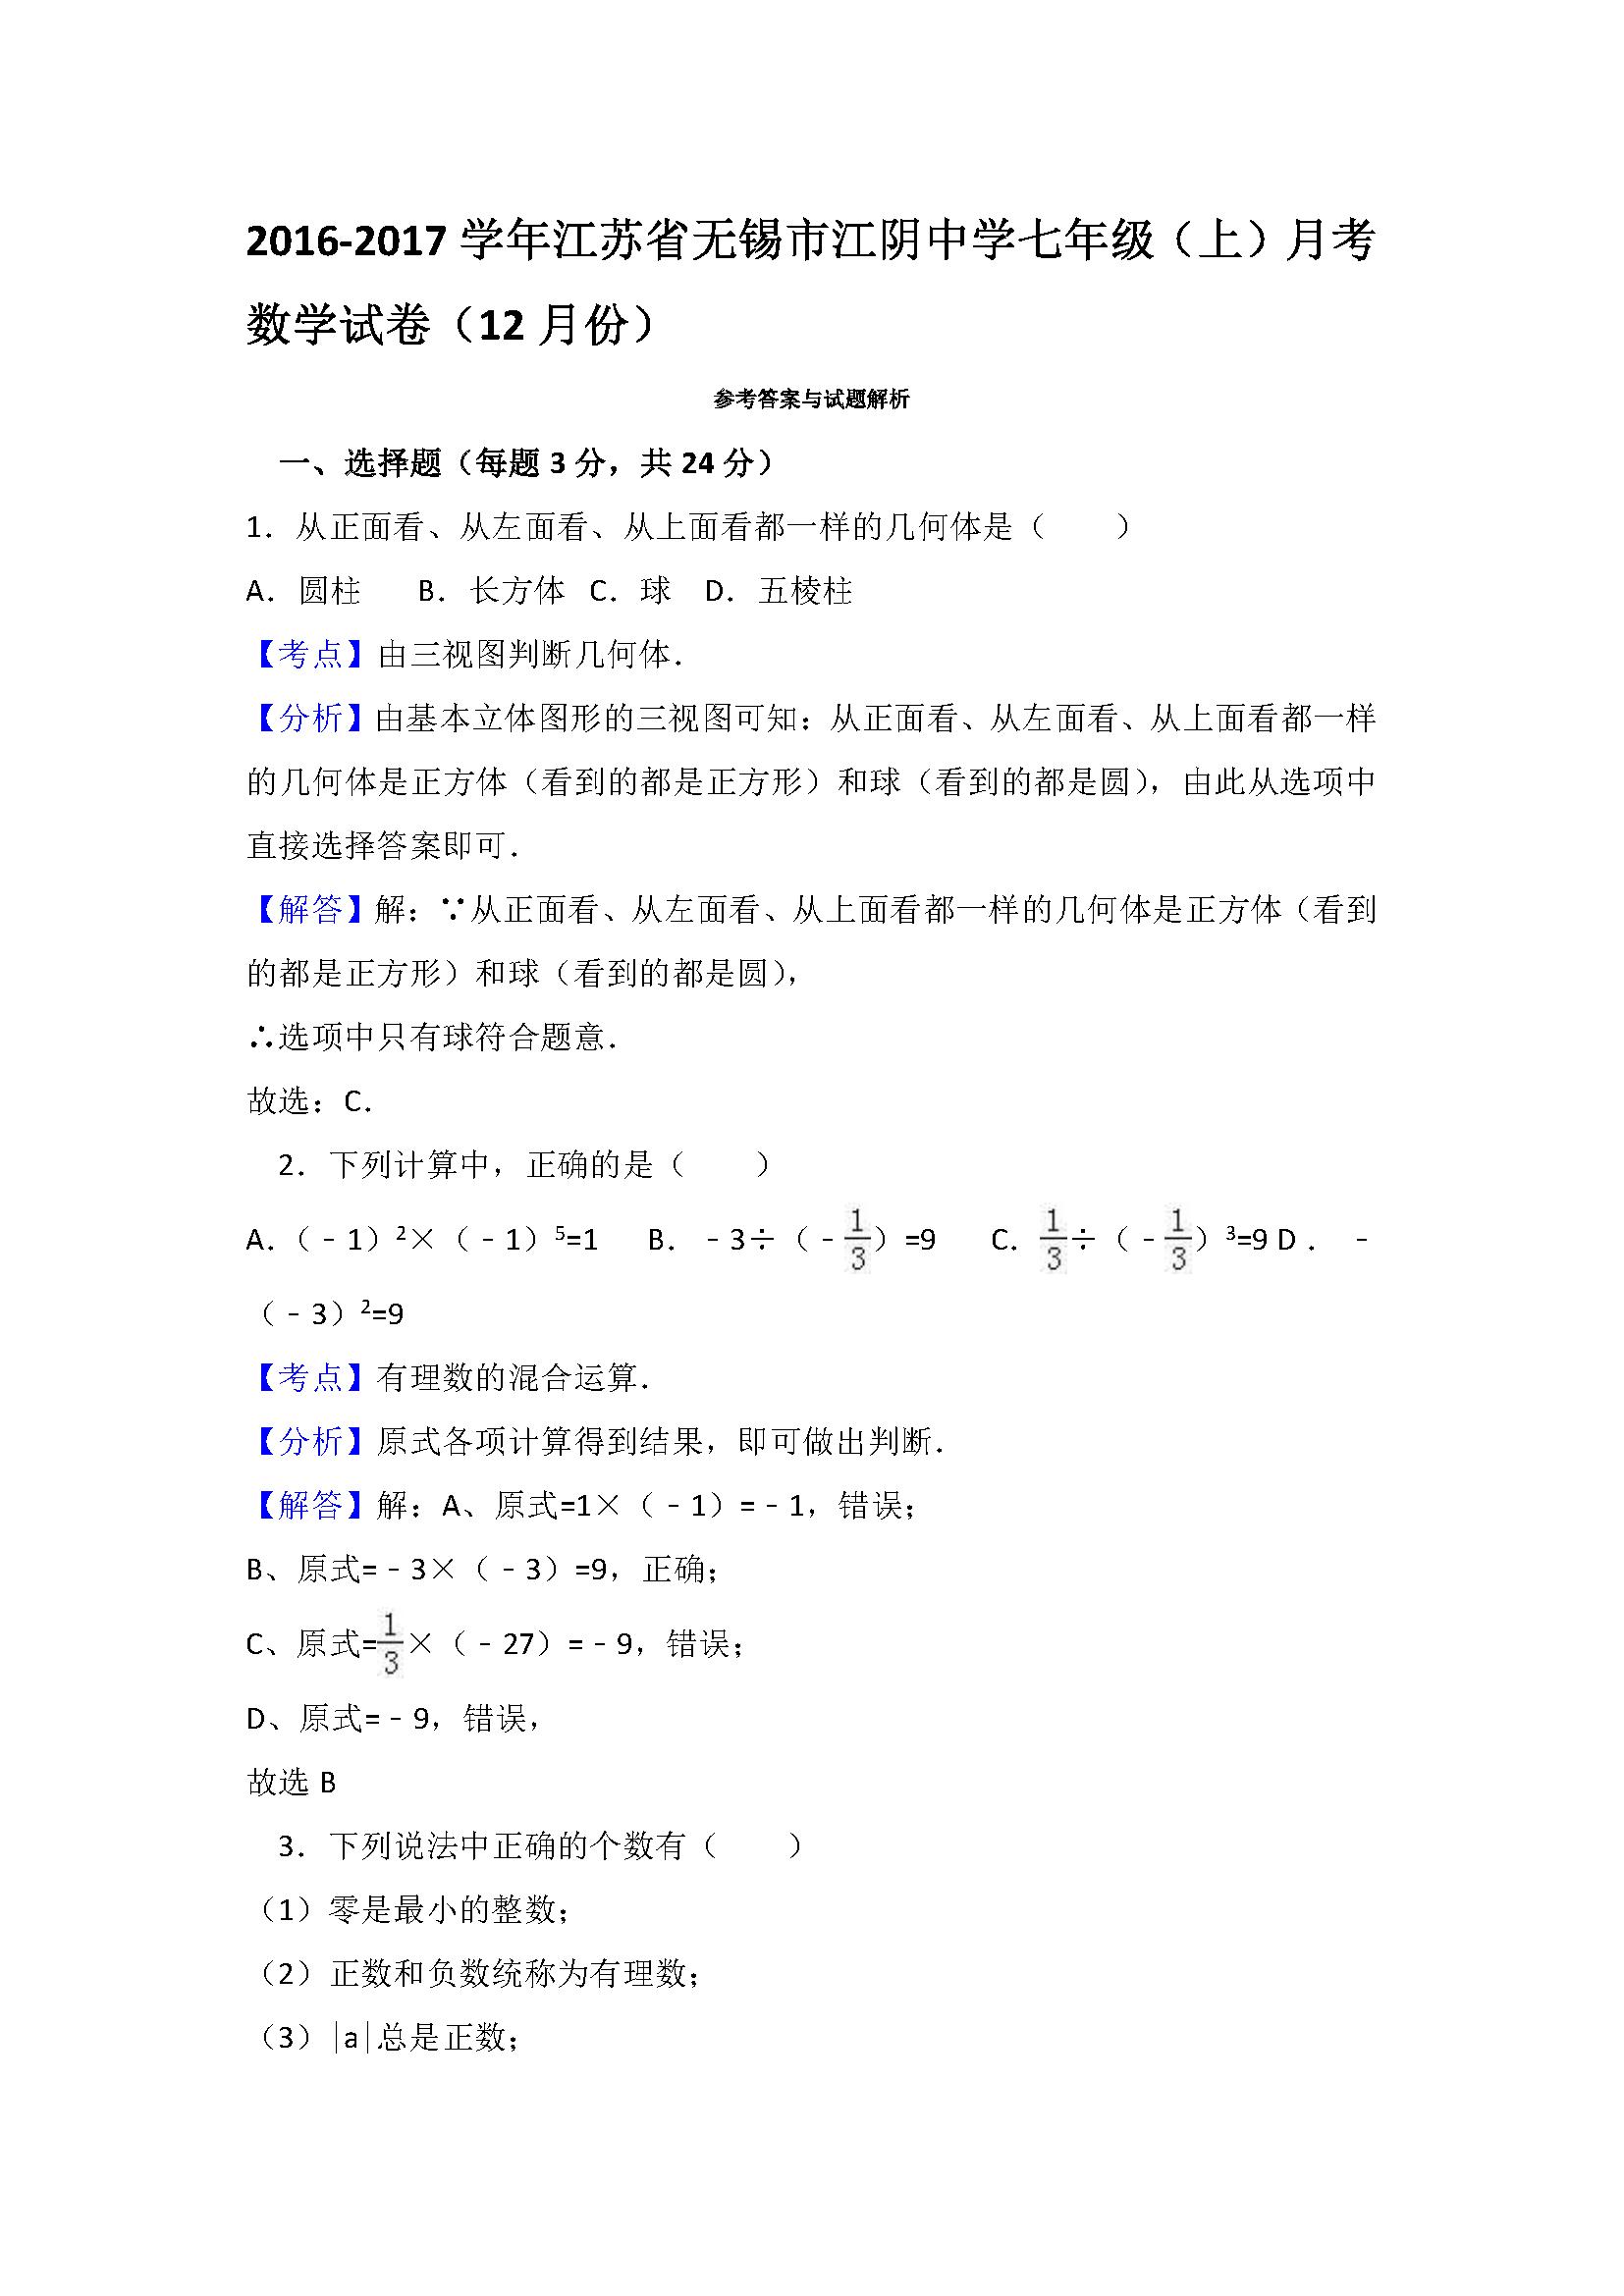 2017江苏无锡江阴七年级上月考数学试卷答案(Word版)